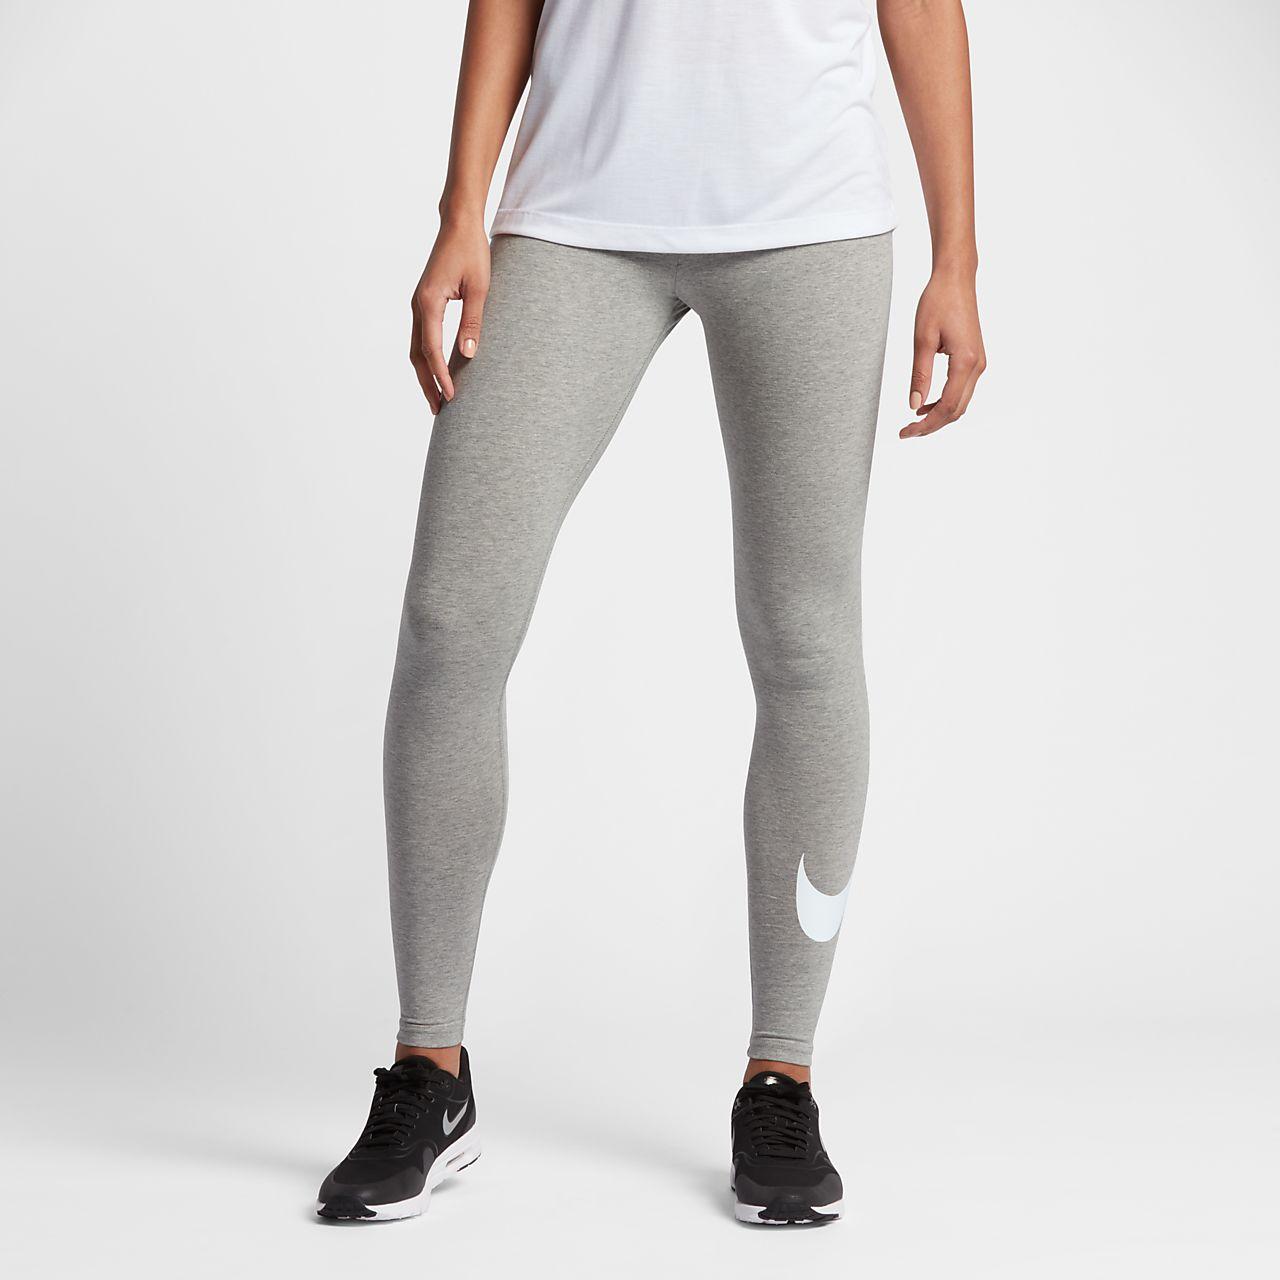 Nike Sportswear Damen-Leggings mit Swoosh